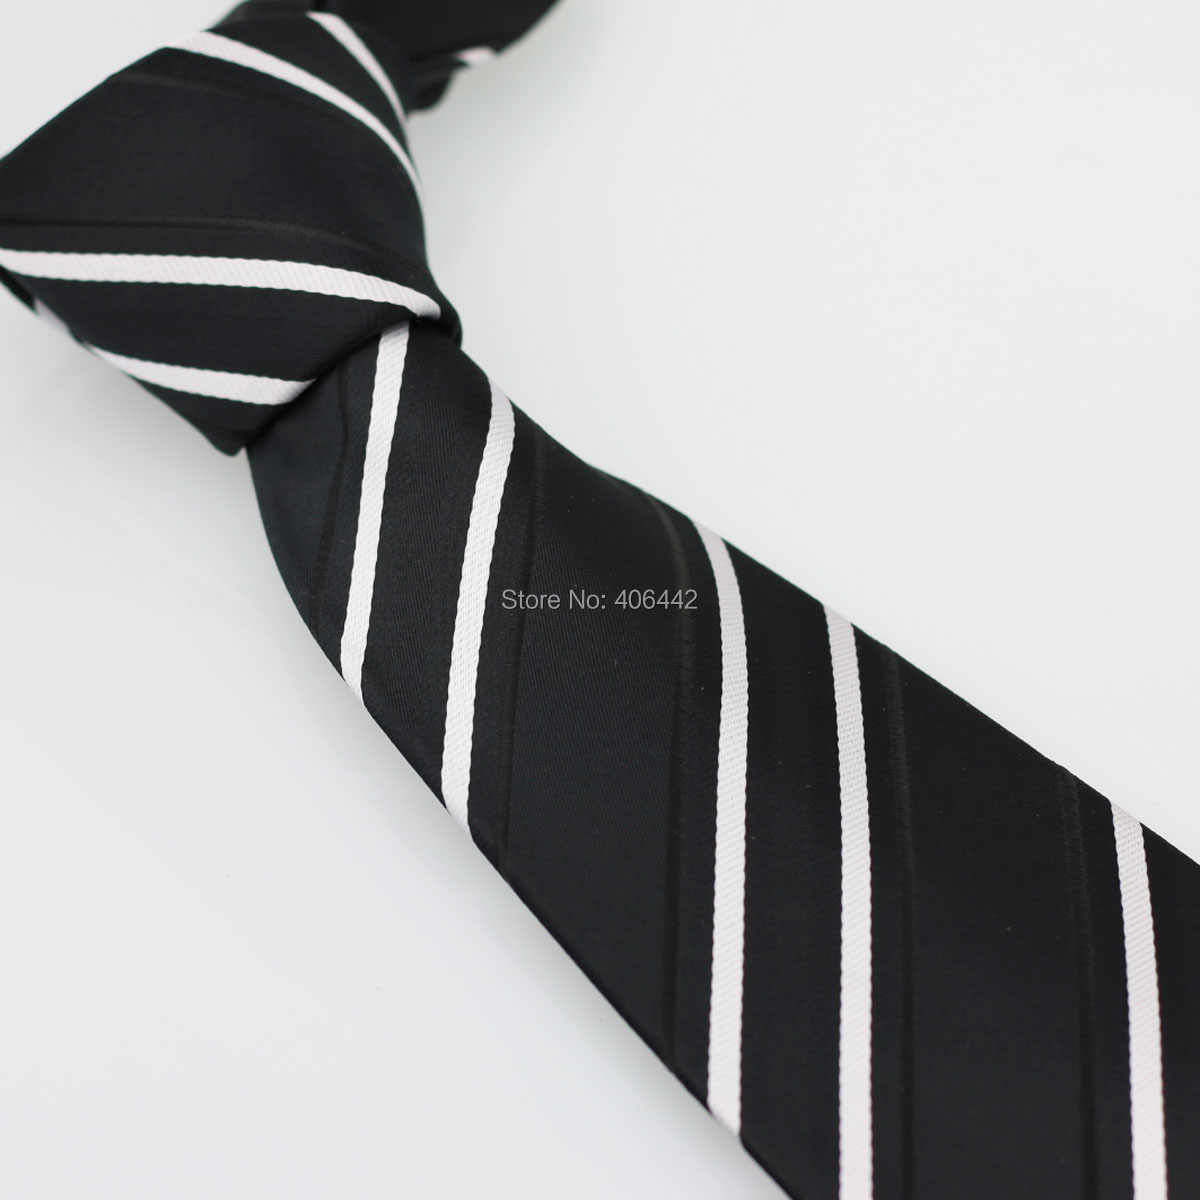 Coachella pria Hitam Dengan Putih Diagonal Stripes Jacquard Woven Dasi Formal Neck Tie untuk pria kemeja Pernikahan